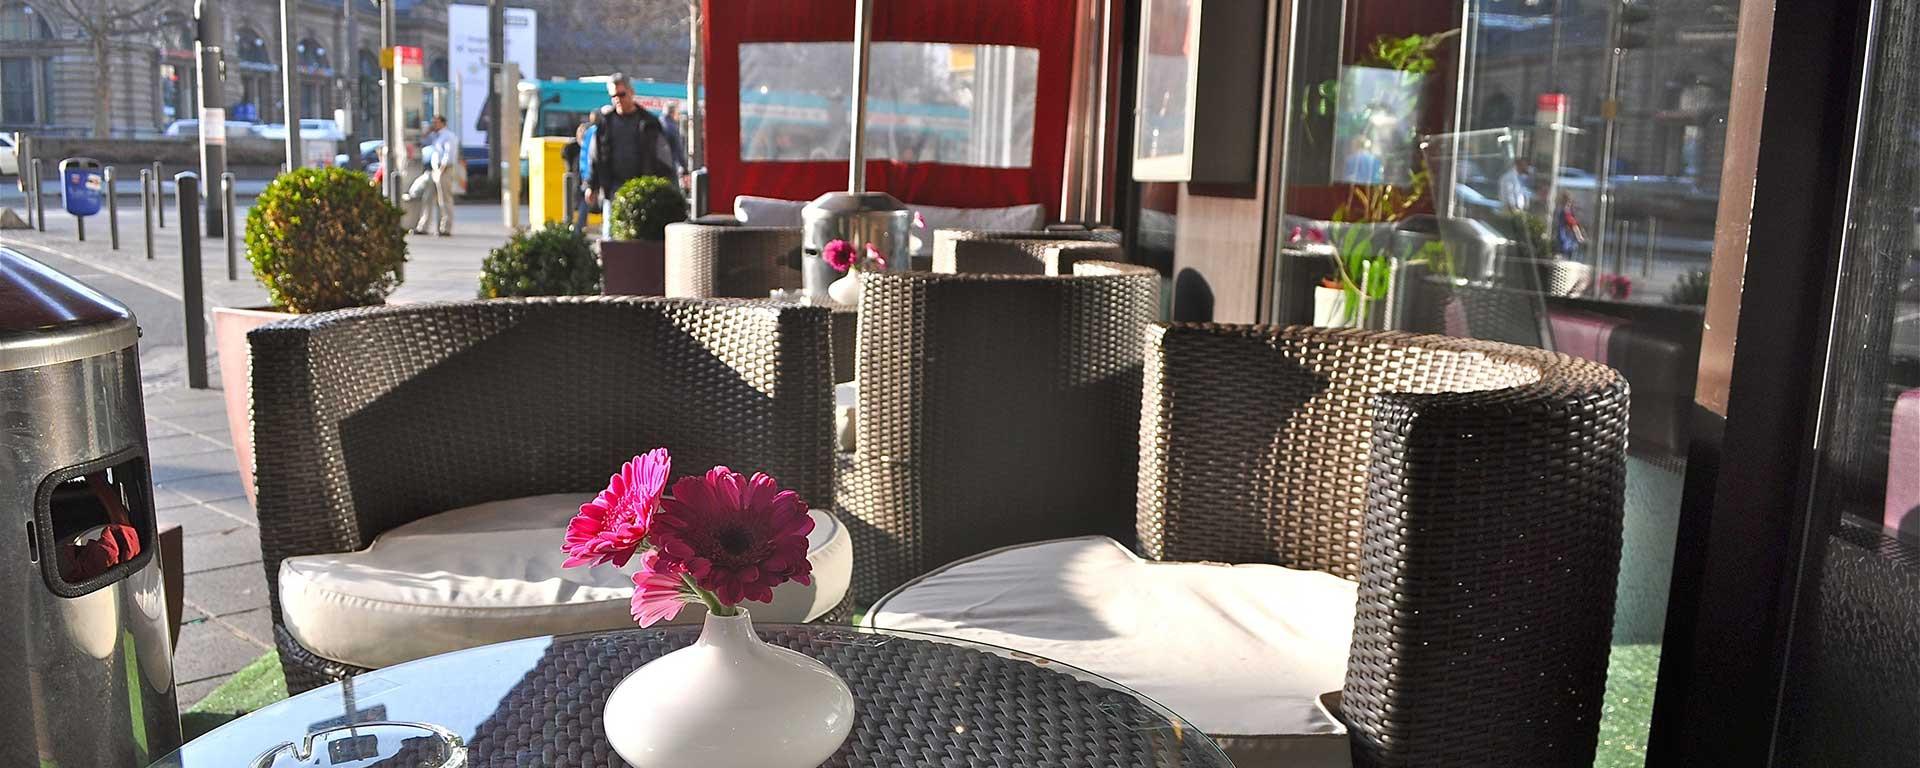 SAVOY Hotel-Bar Aussenbereich - unser kleines Straßencafé